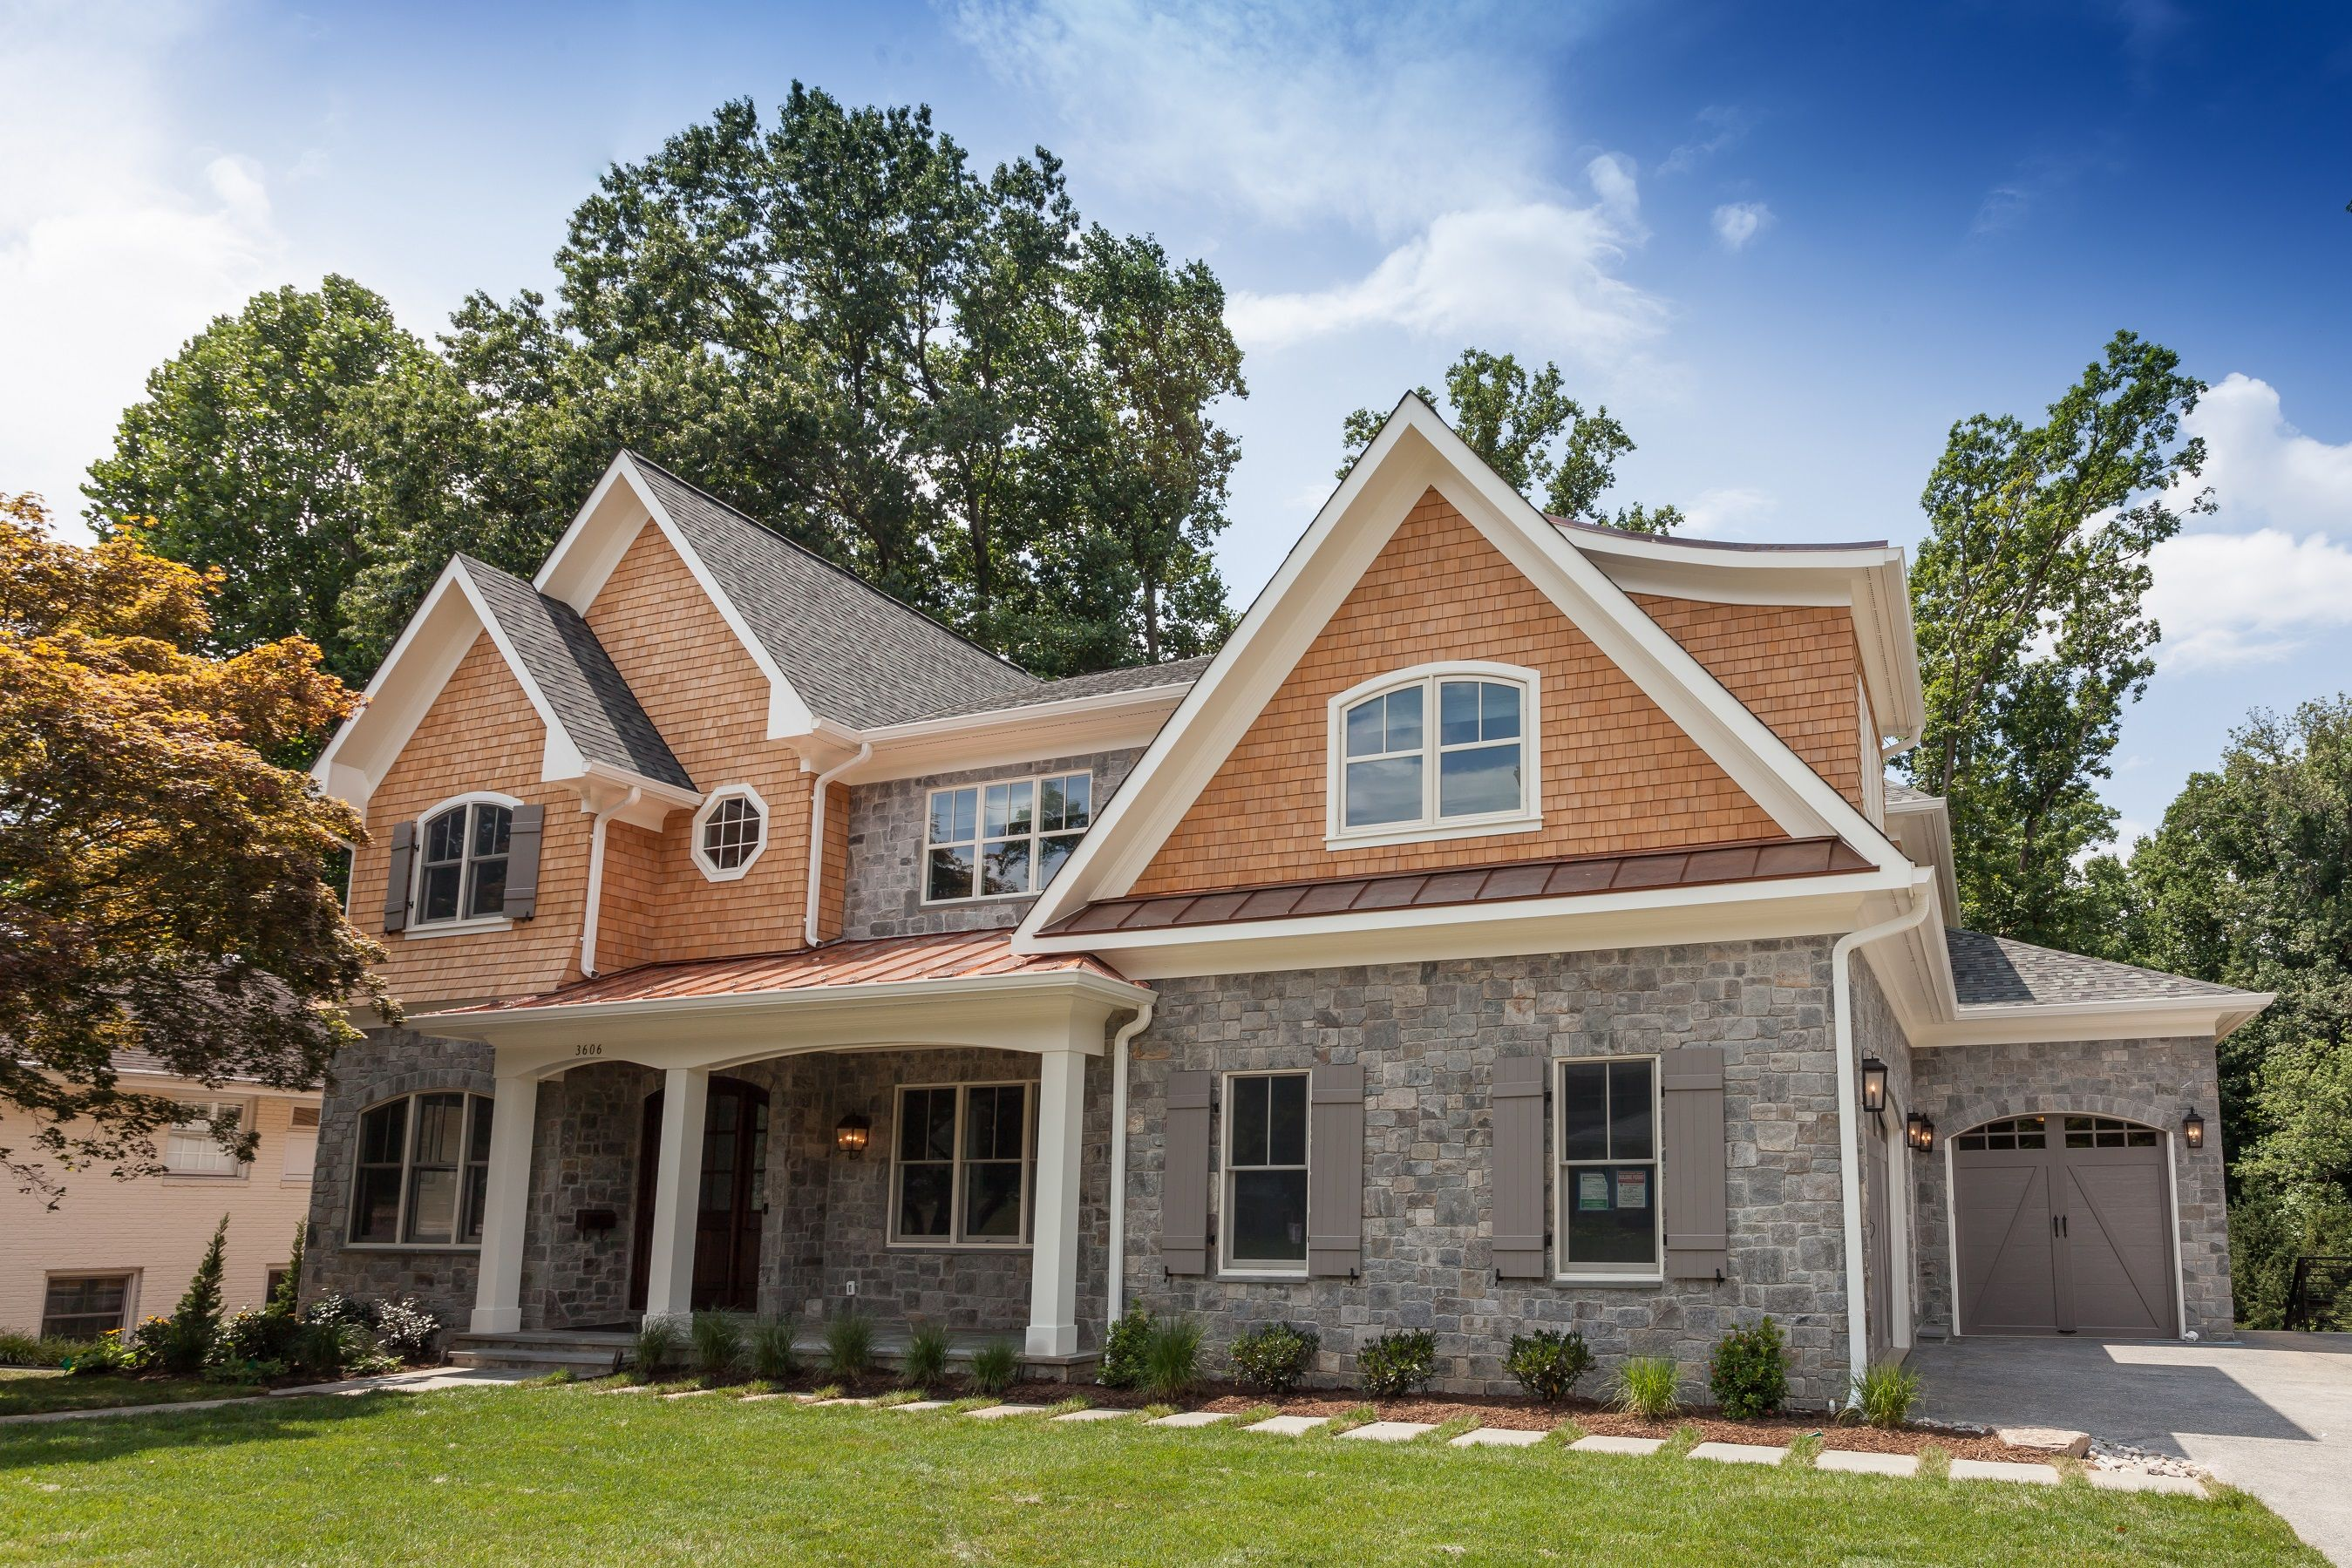 Tudor Farmhouse Inspired Exterior With Copper Porch Roof Stone Facade And Natural Cedar Shingle Sidin Ranch House Remodel Cedar Shingle Siding Shingle Siding